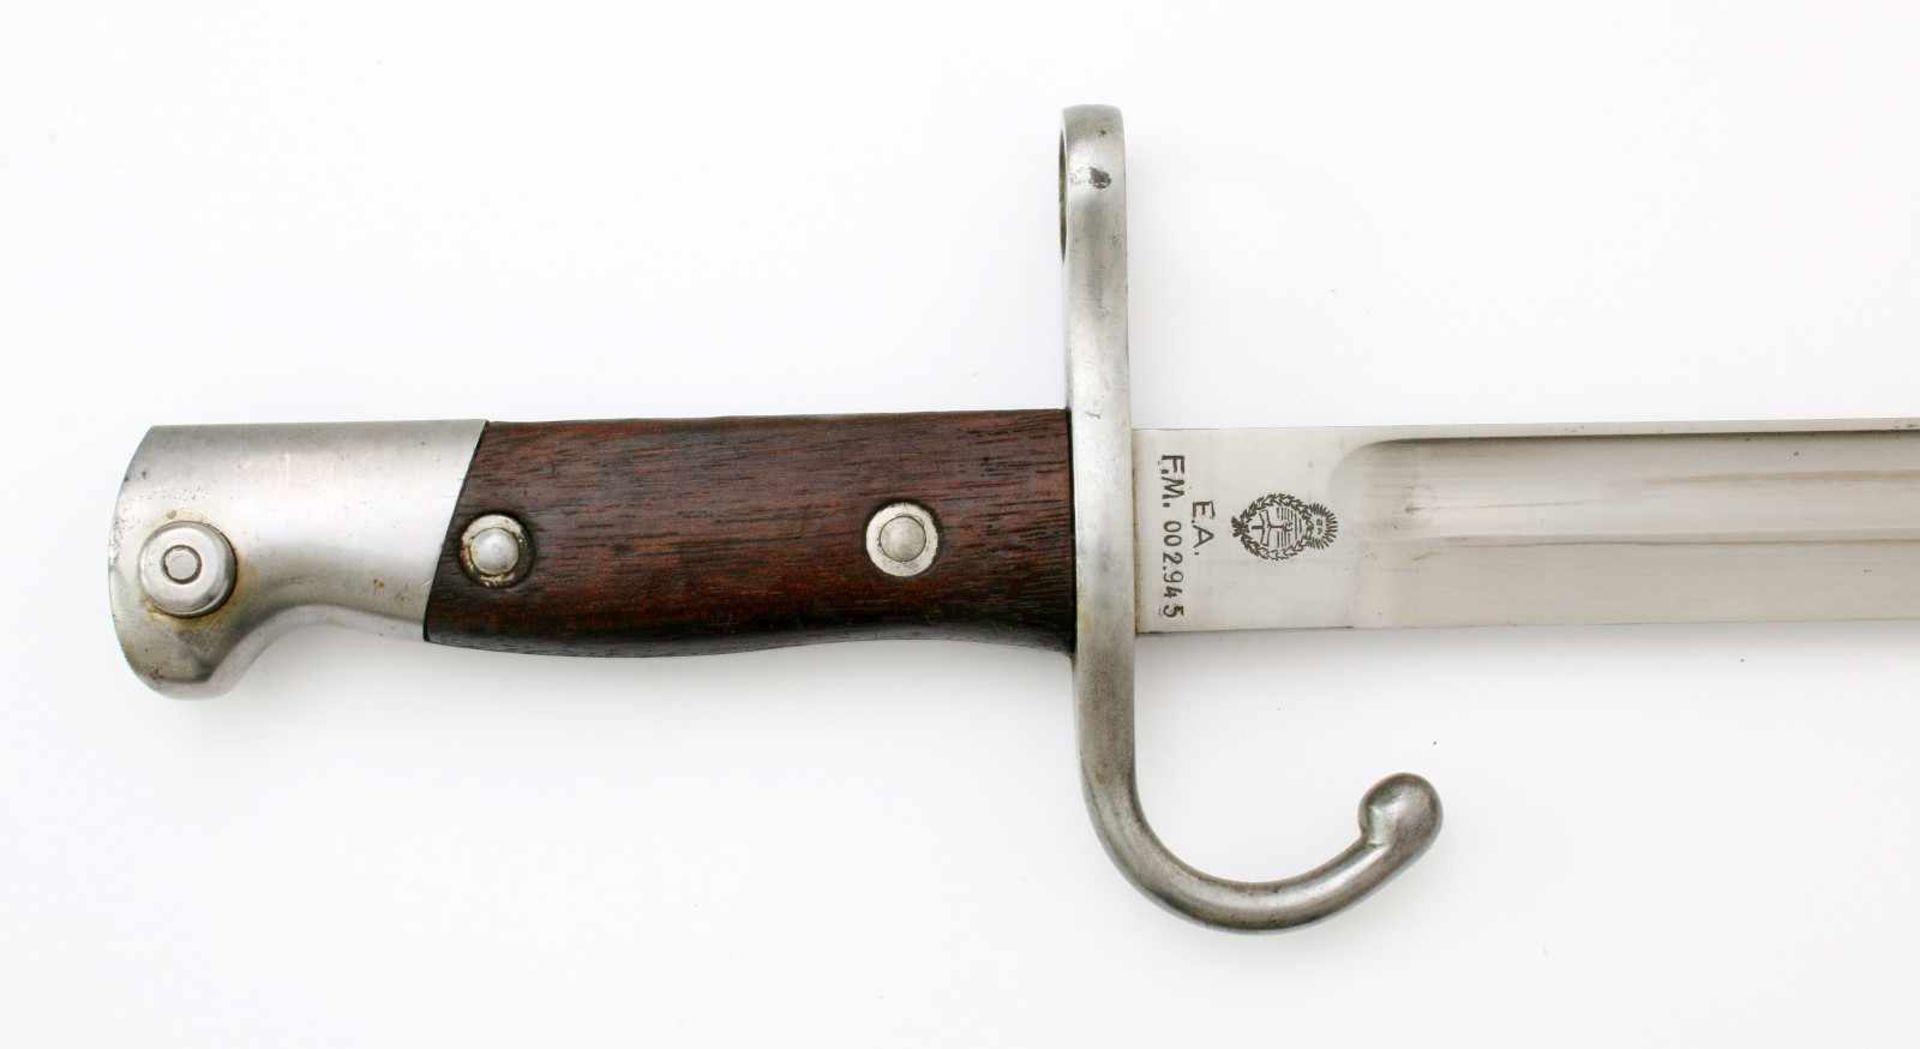 Argentinien - Bajonett Mauser M1909 (Argentinischer Hersteller)Blanke, gekehlte Rückenklinge. - Bild 3 aus 4